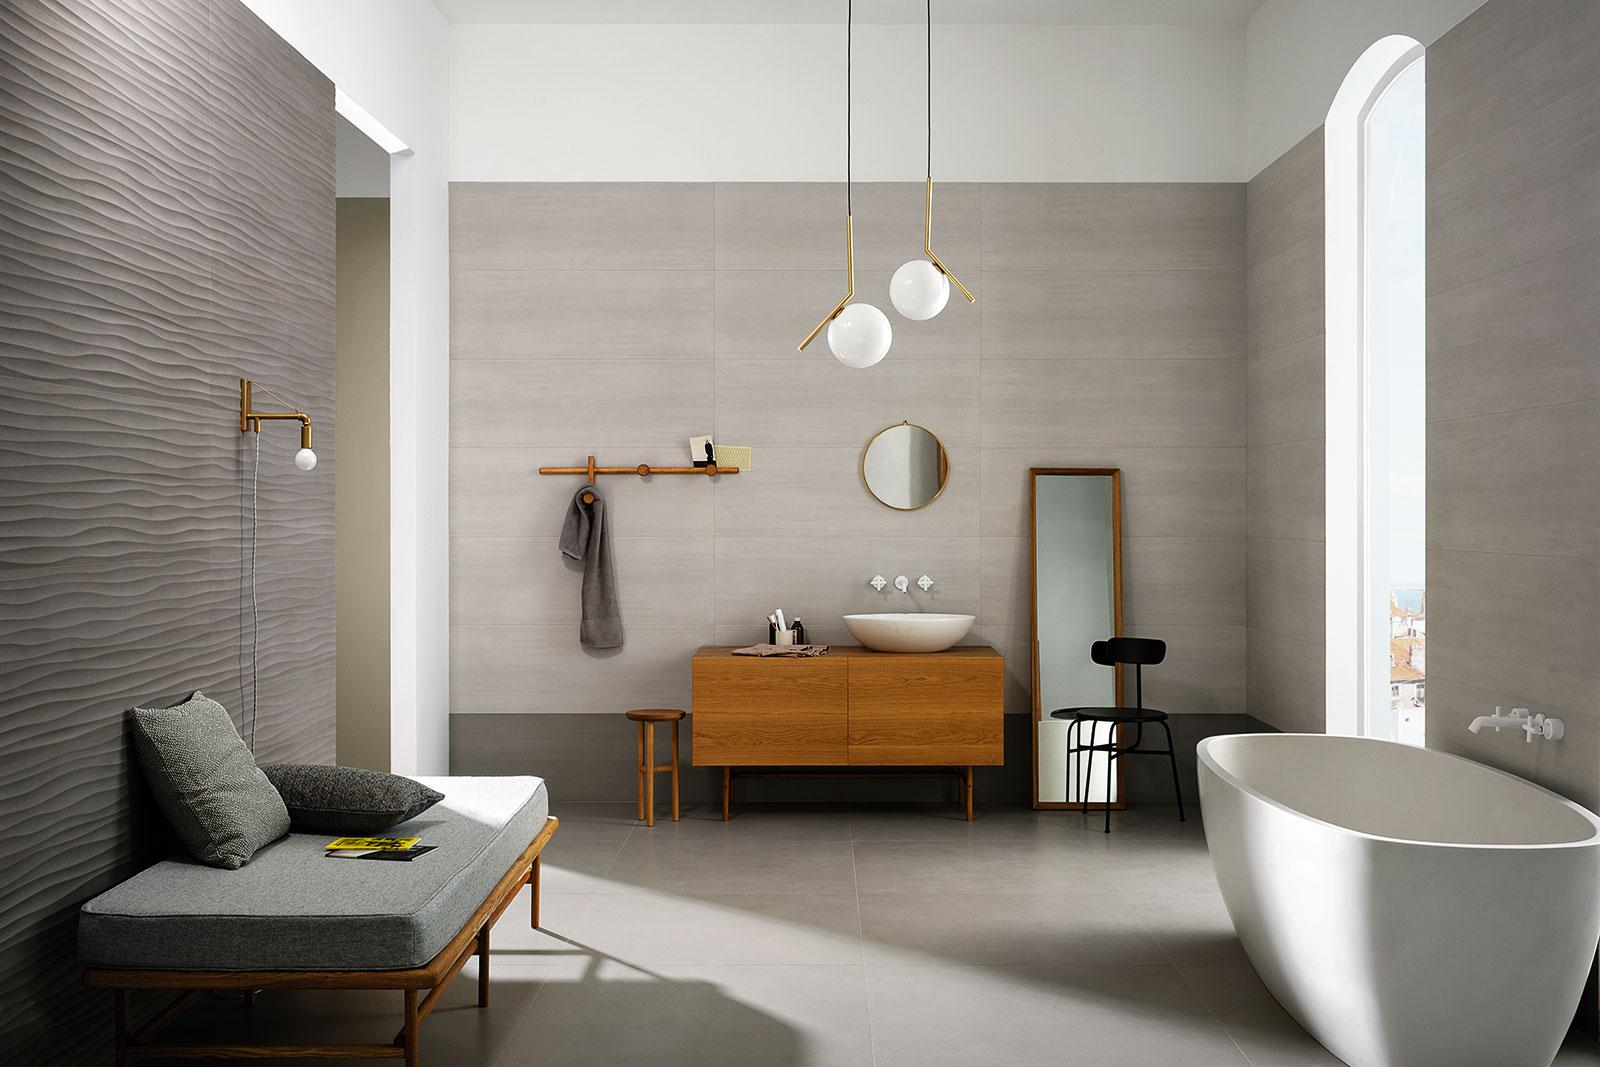 Materika rivestimento effetto cemento satinato marazzi - Piastrelle grigie bagno ...